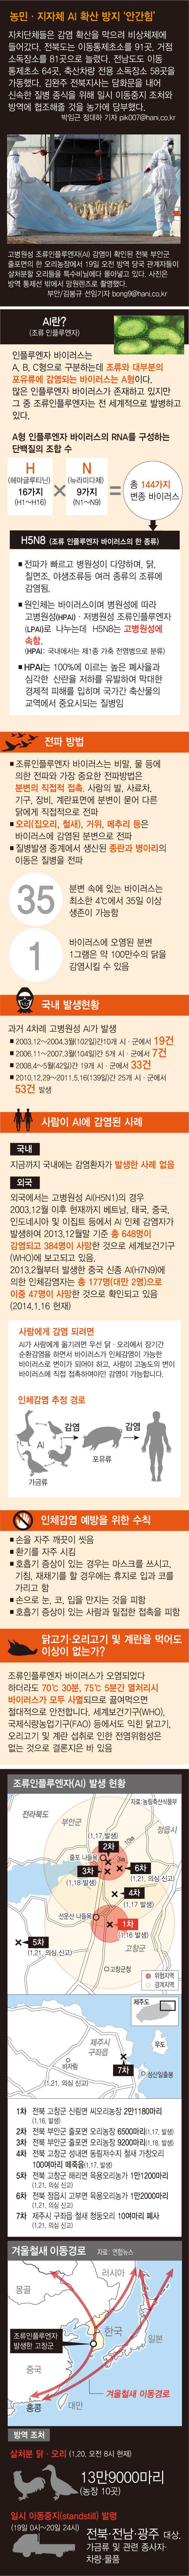 [인포그래픽] AI란? : 사회 : 인포그래픽 : 뉴스 : 한겨레